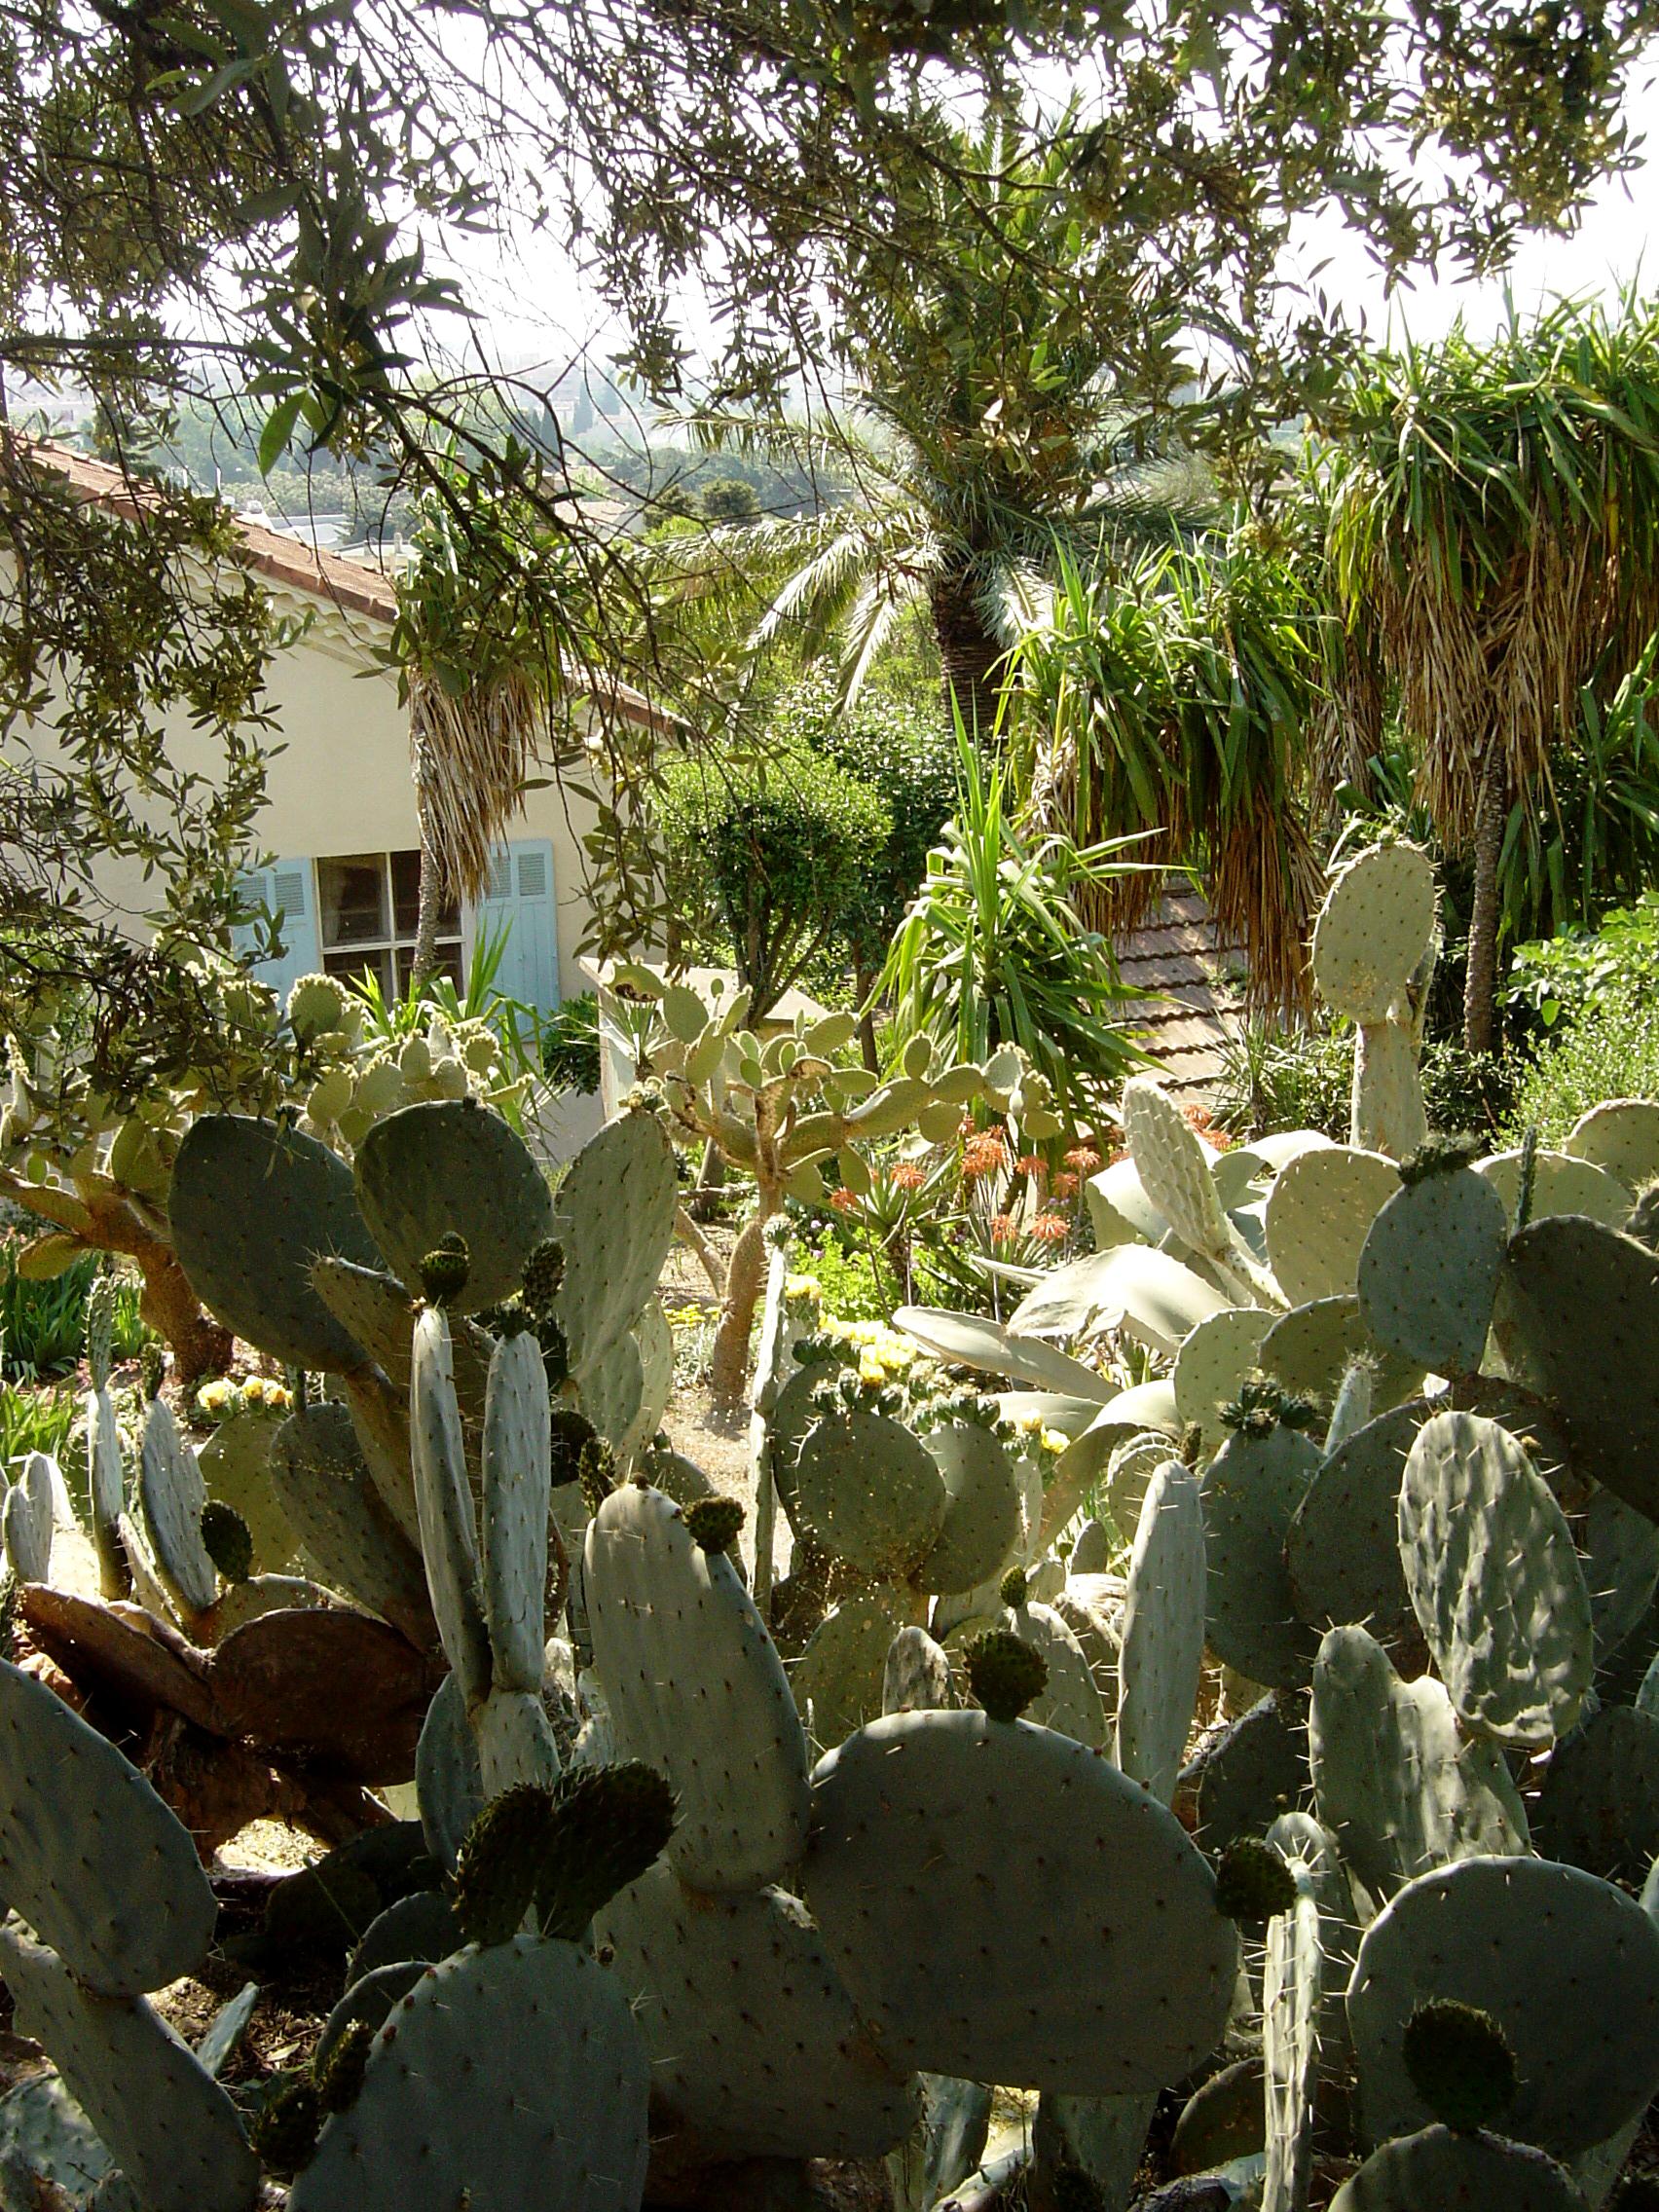 """Huis huren Cote d'Azur """"Le Cactus"""" - Notarishuis met 4 slaapkamers en uitzicht op zee is te huur in Bormes les Mimosas, Zuid-Frankrijk"""